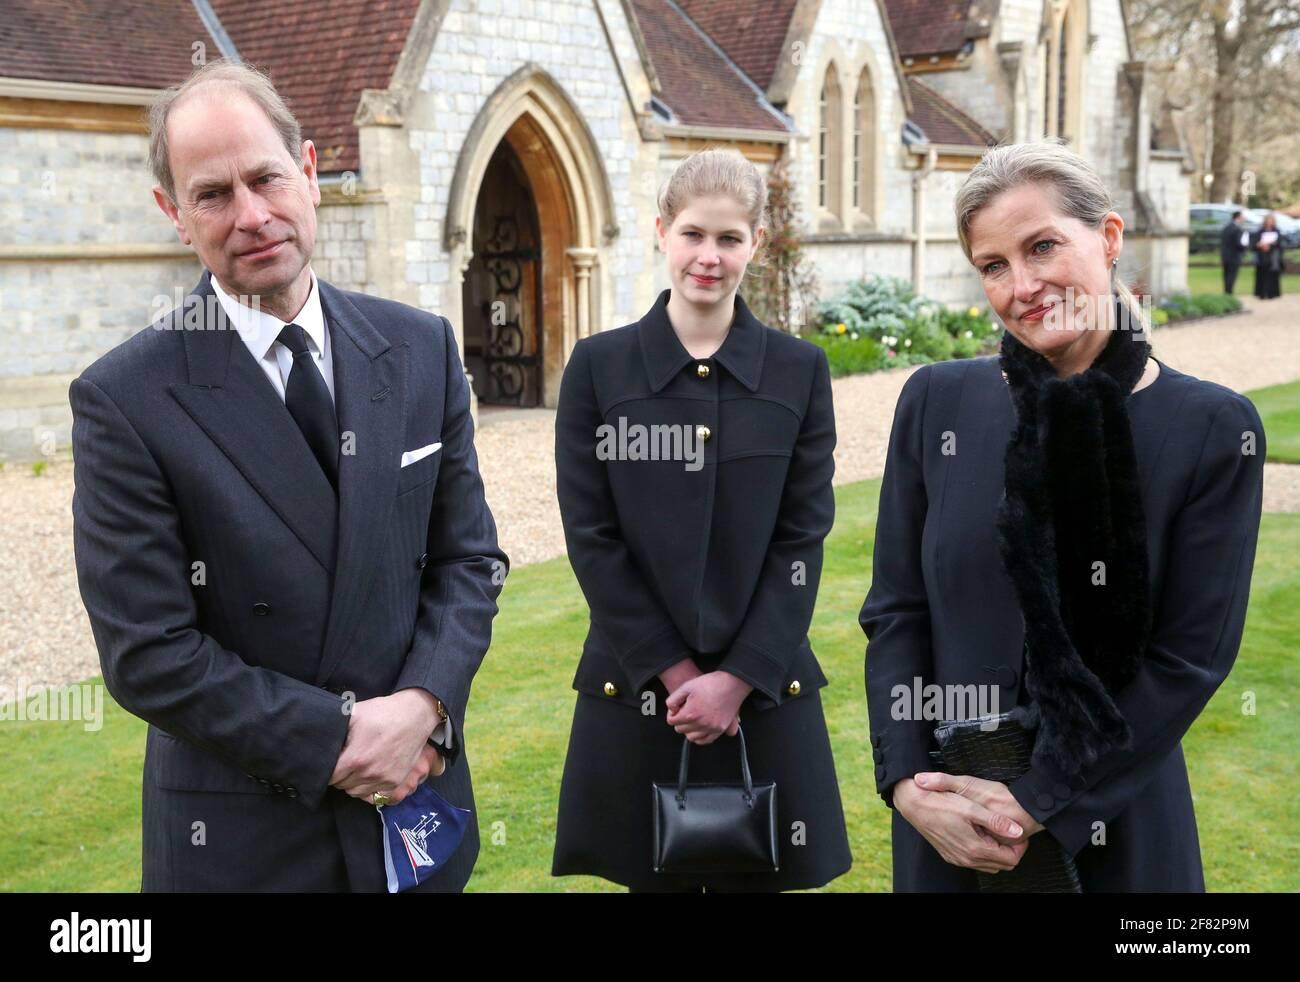 El conde y condesa de Wessex, con su hija Lady Louise Windsor, durante una entrevista televisiva en la Capilla Real de Todos los Santos, Windsor, tras el anuncio el viernes 9 de abril de la muerte del duque de Edimburgo a la edad de 99 años. Fecha de la foto: Domingo 11 de abril de 2021. Foto de stock